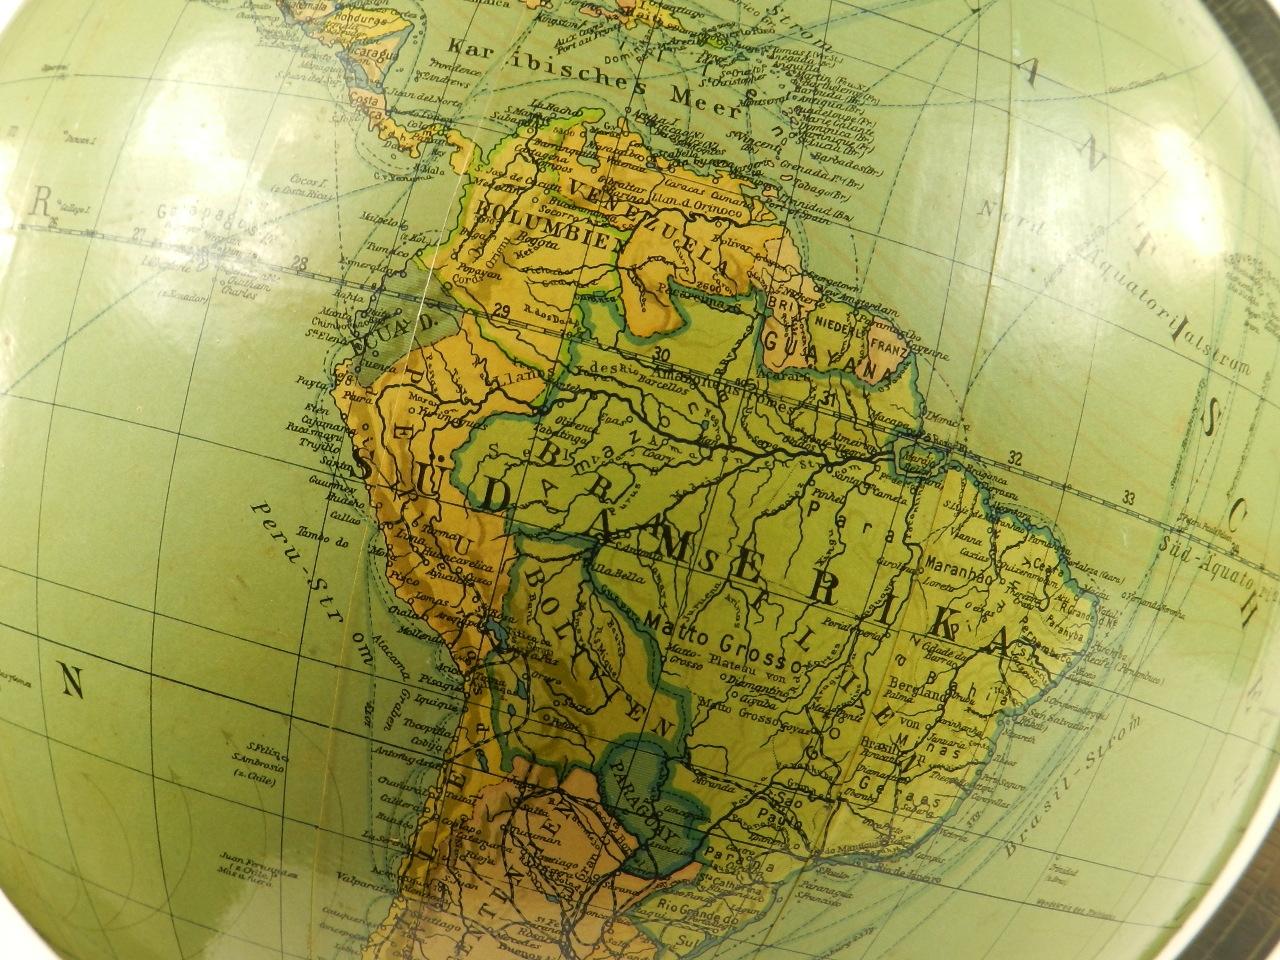 Imagen GLOBO TERRÁQUEO COLUMBUS AÑO 1940 27004